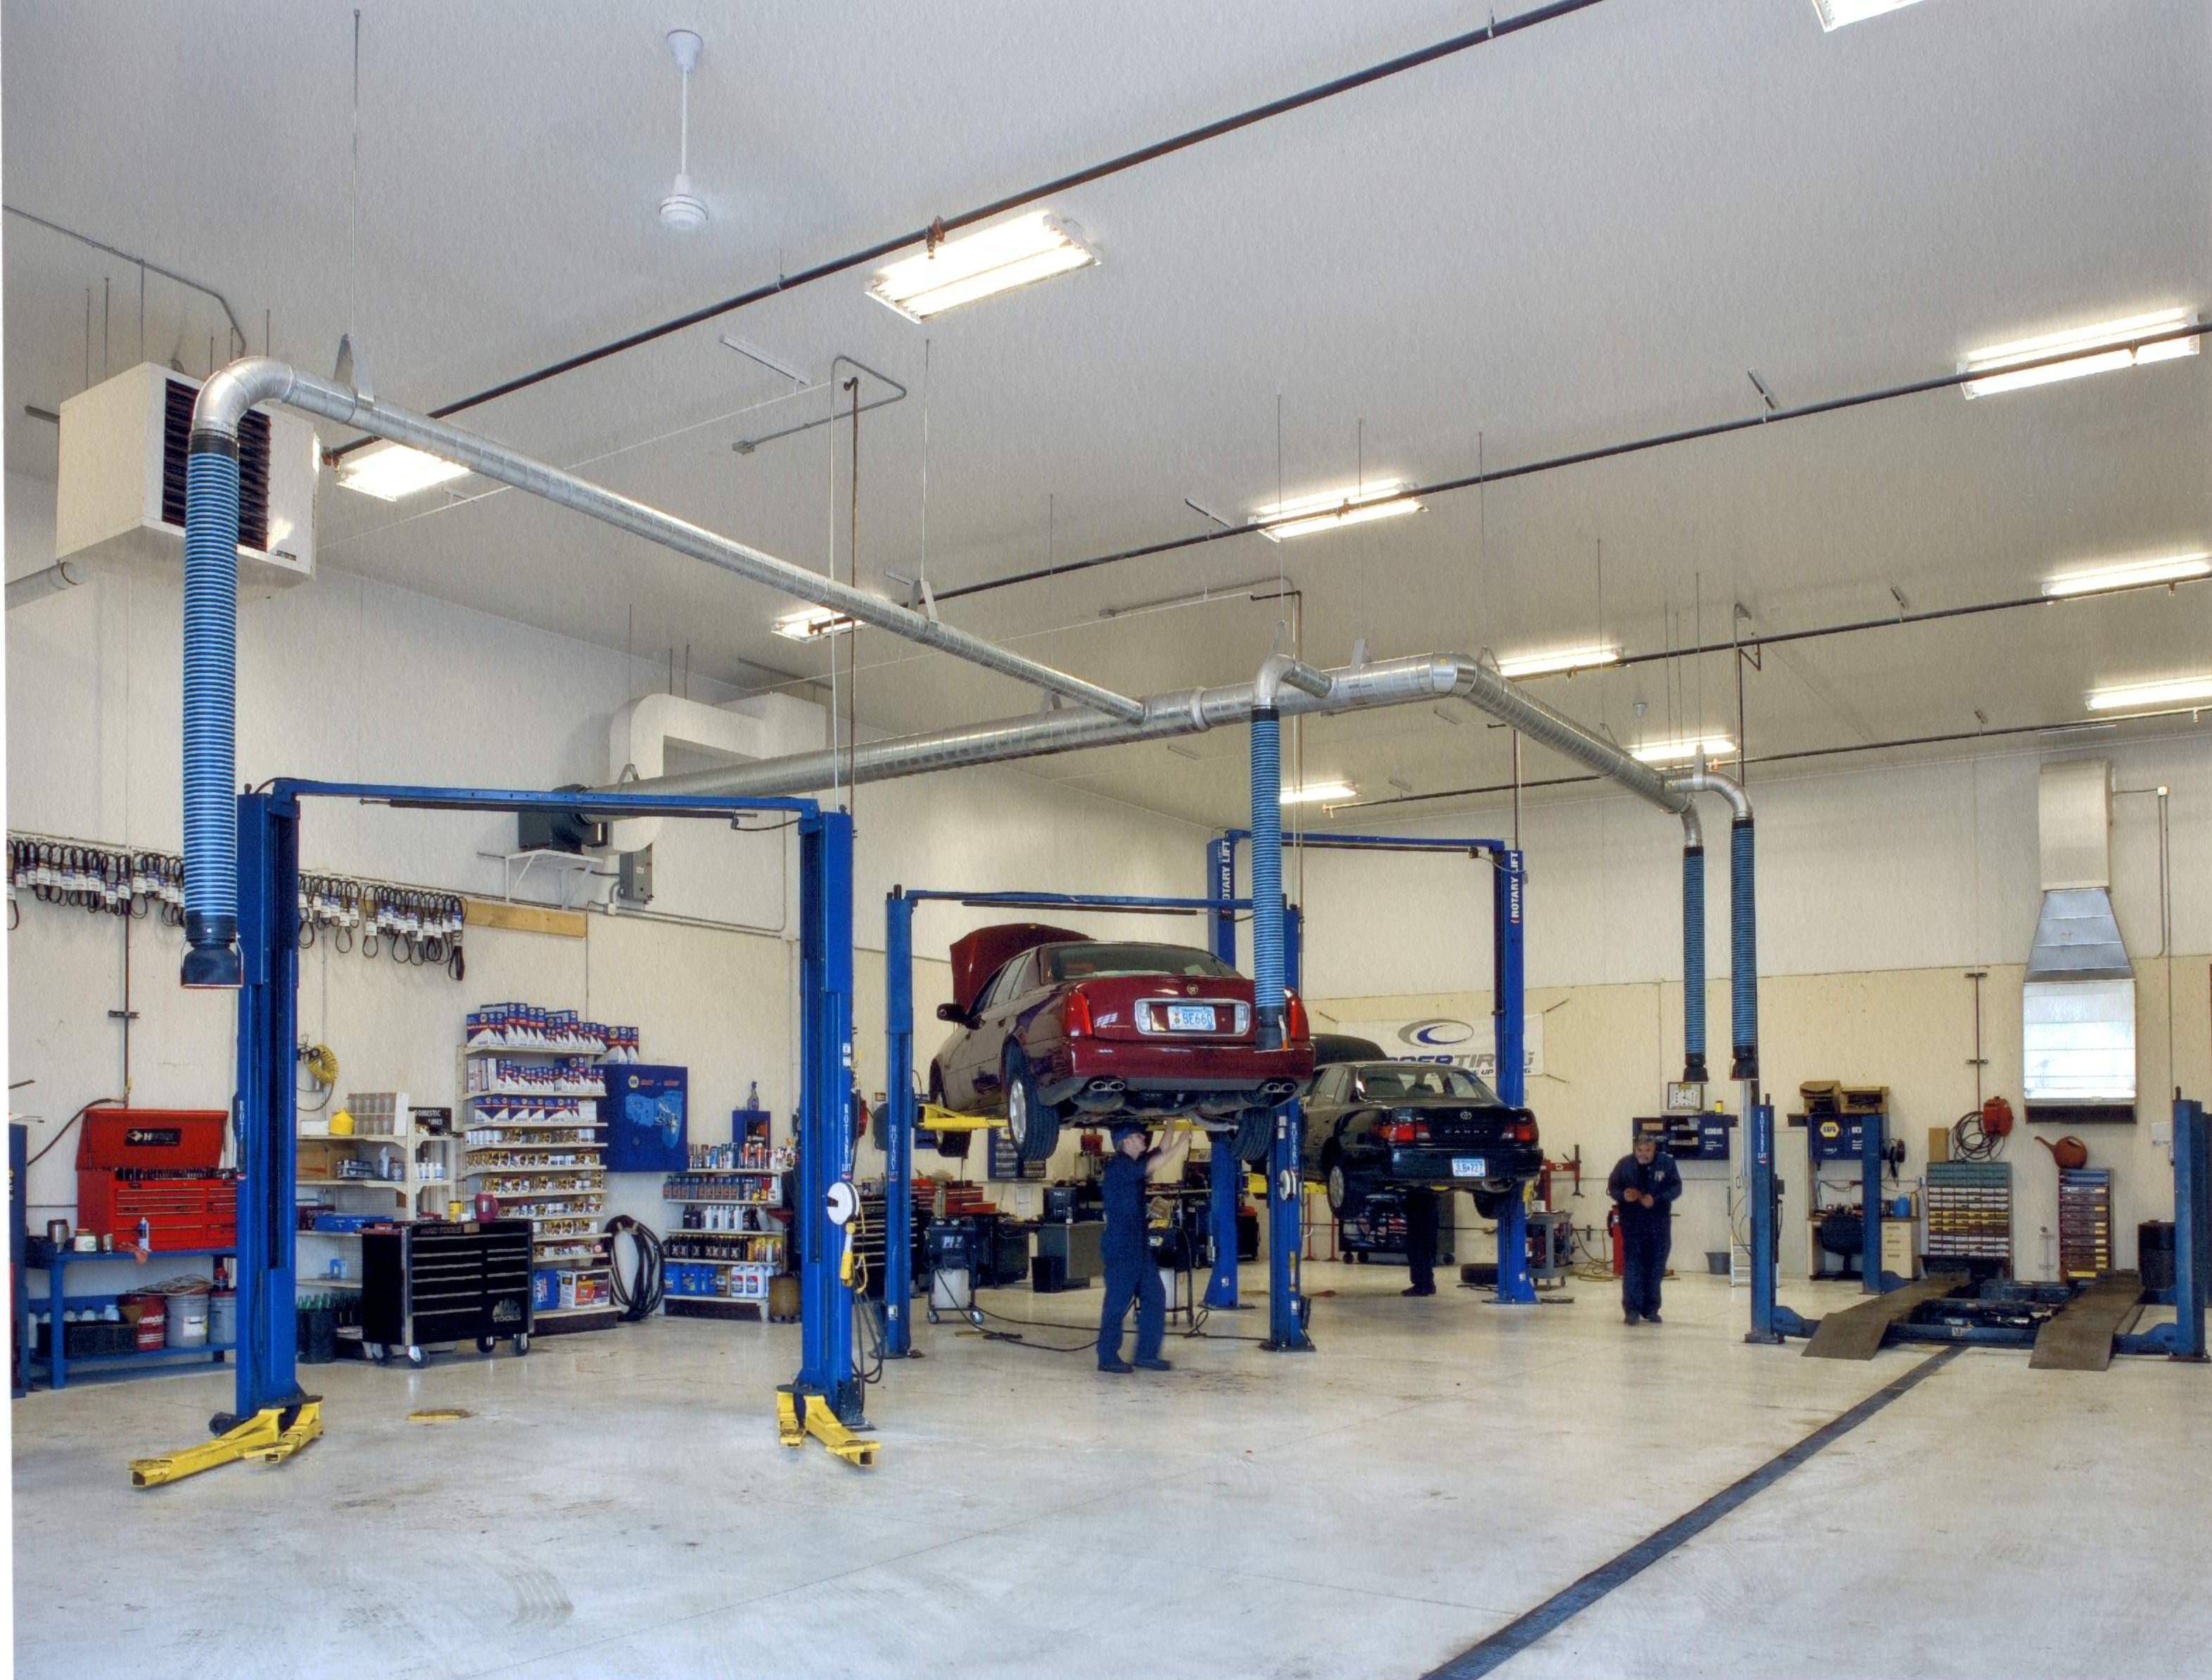 Kolar Toyota Duluth Minnesota >> Hansen Auto Service Of Duluth Inc, Duluth Minnesota (MN